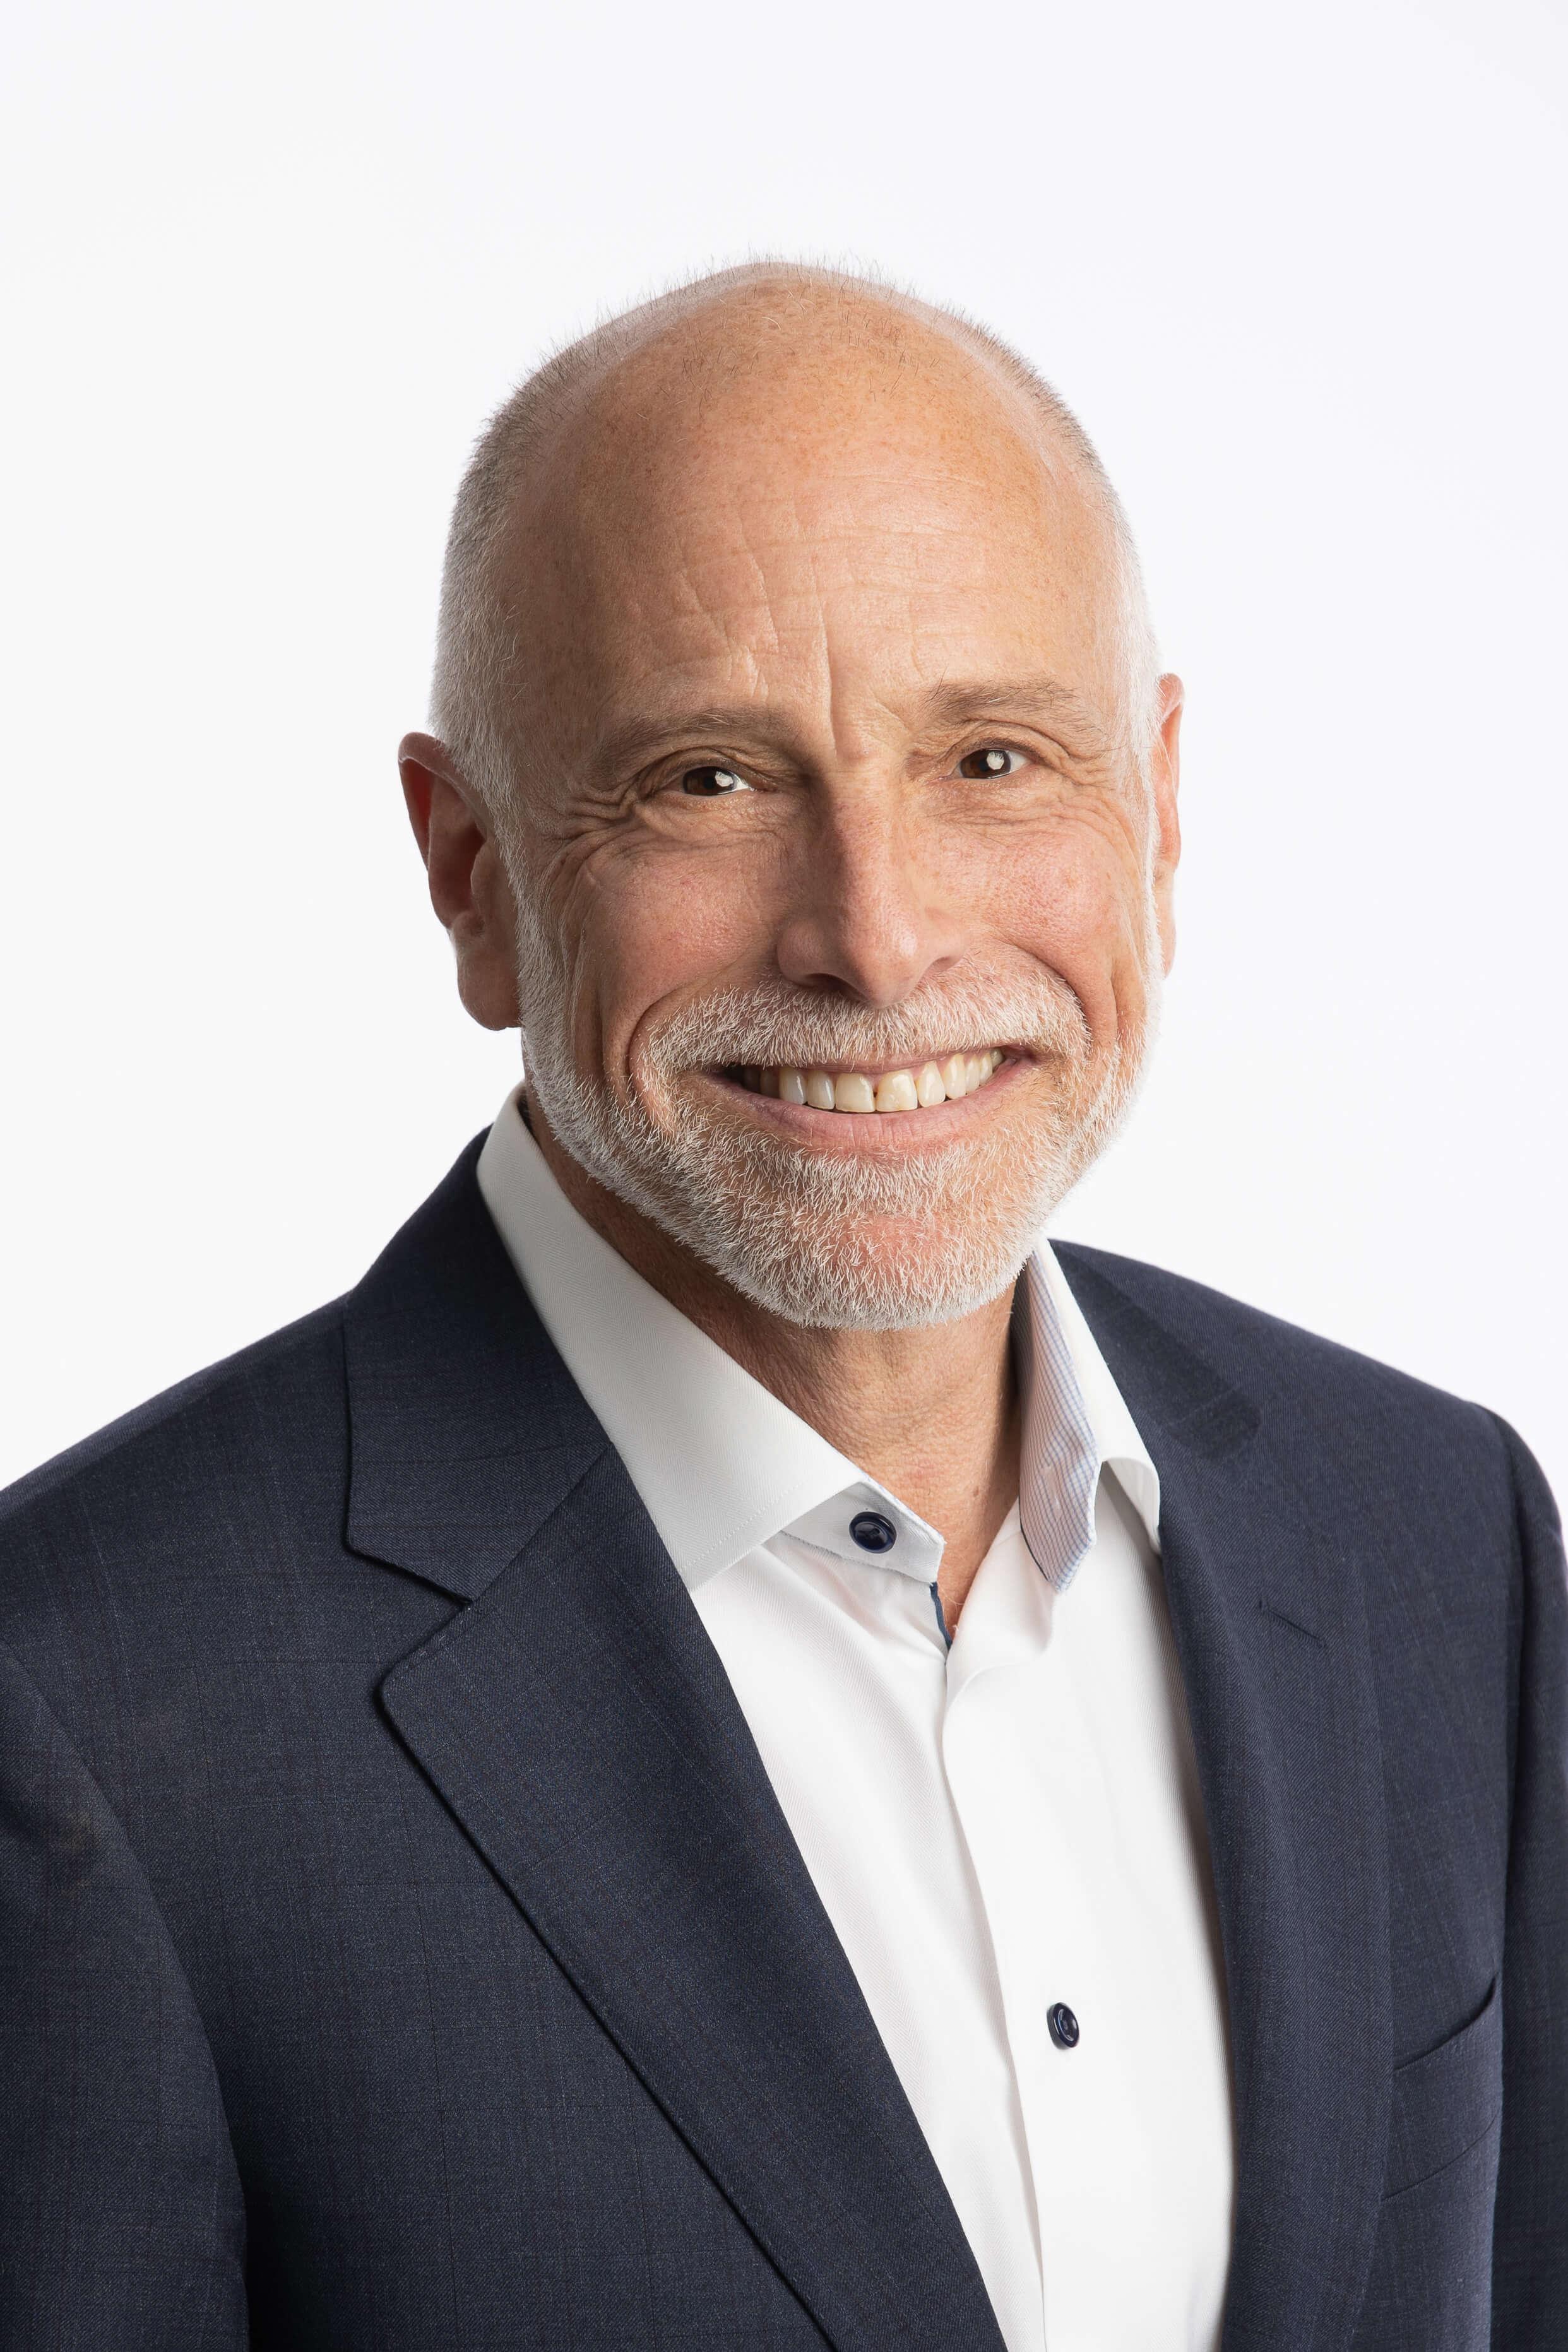 David Yarosh